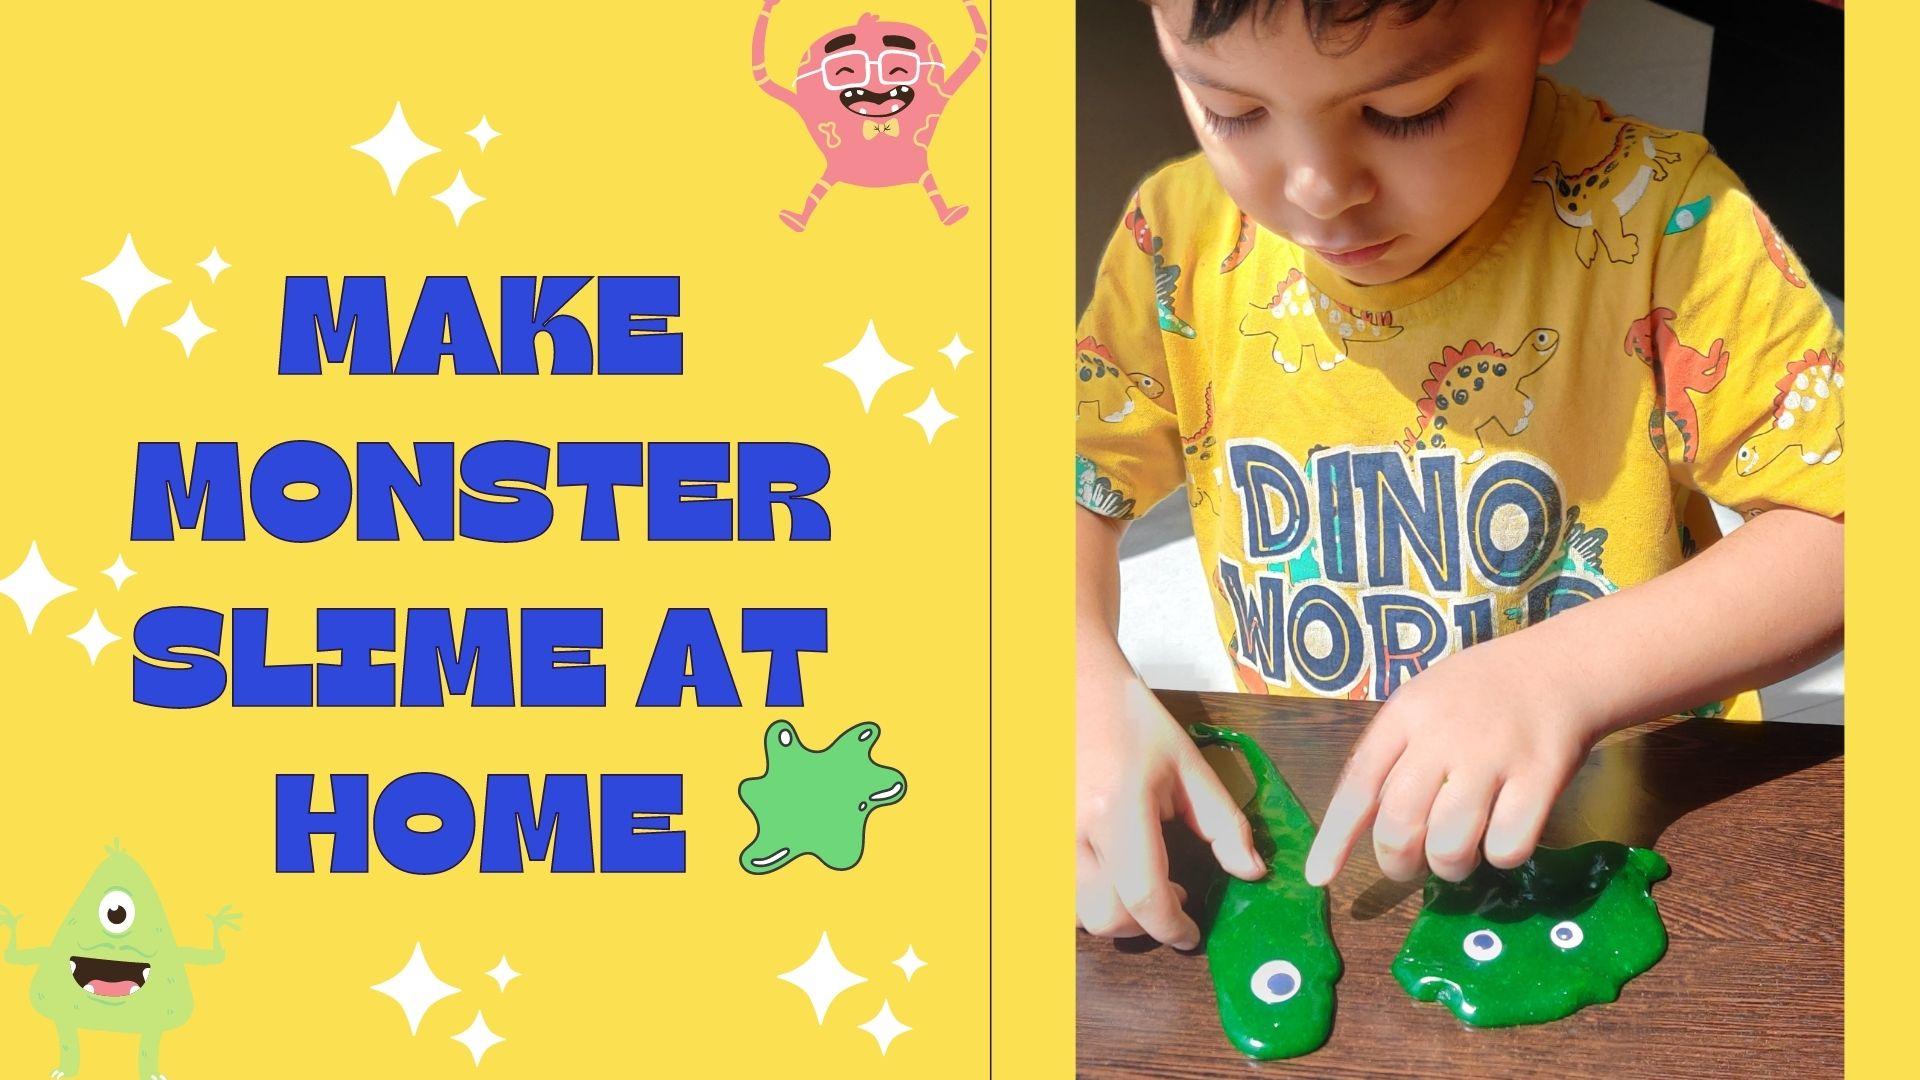 Make Slime Monster at Home